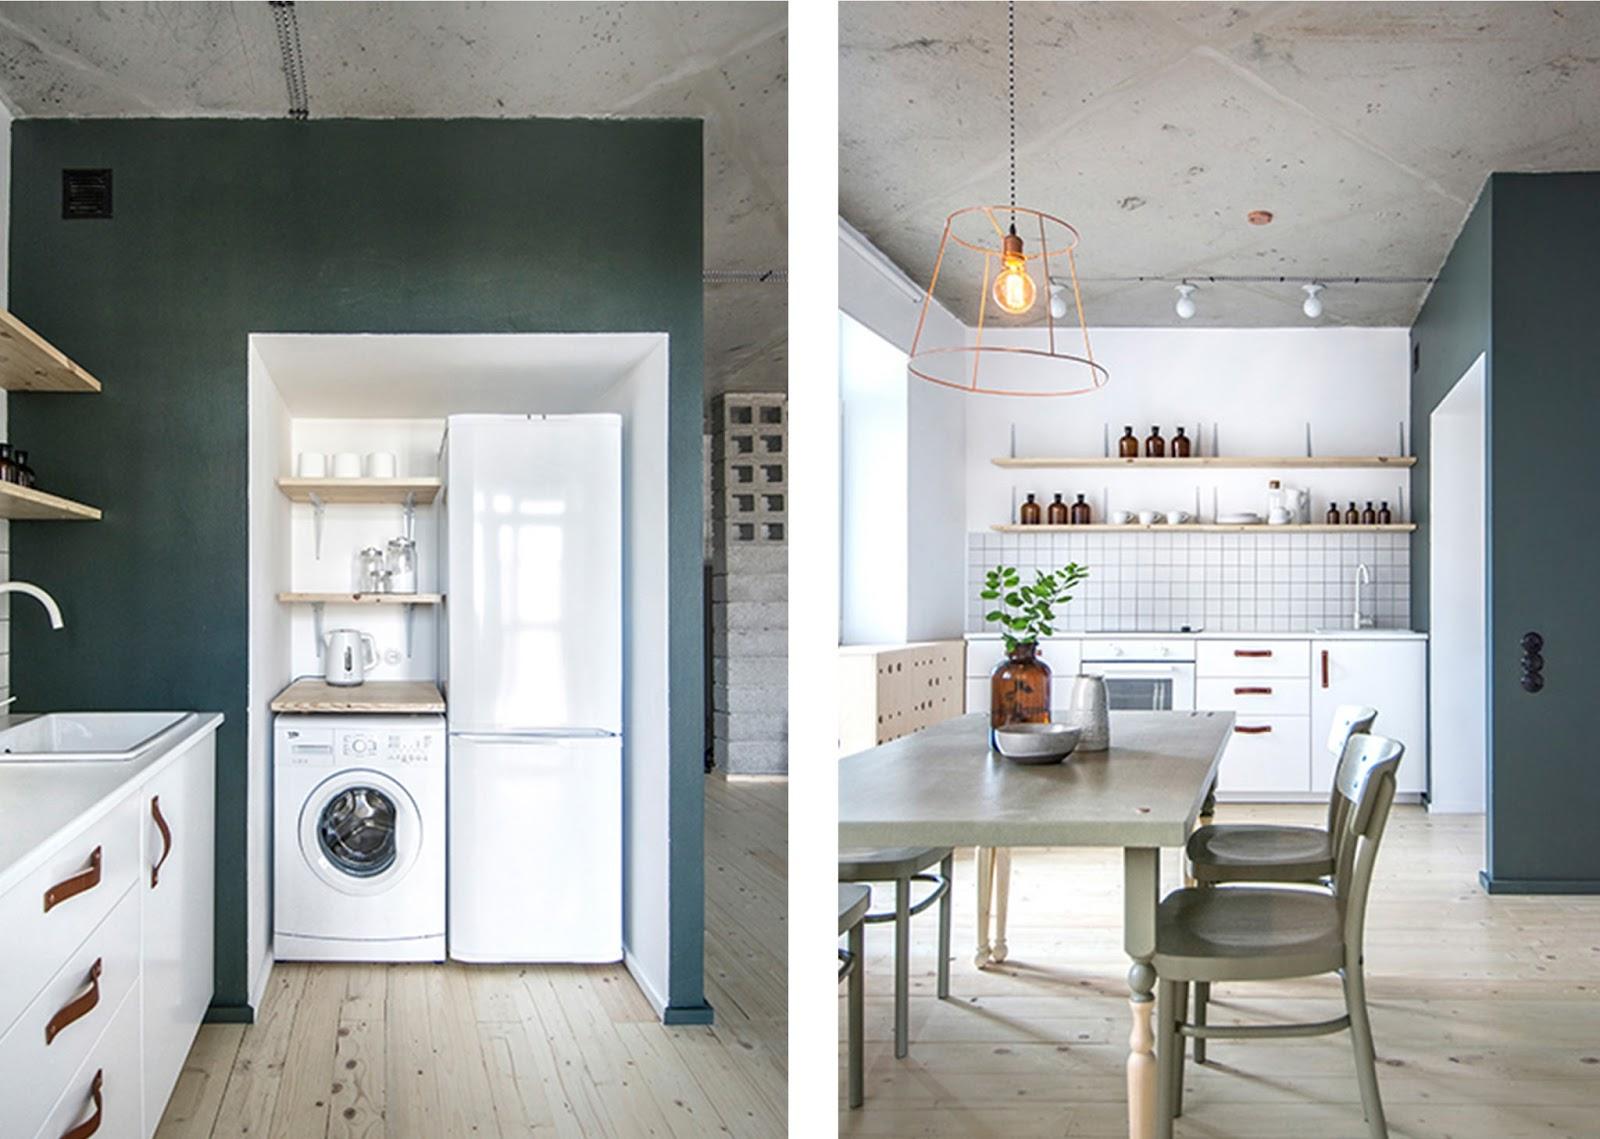 Appartamento minimale con arredi e decori fai da te a san - Mobili sala mondo convenienza ...